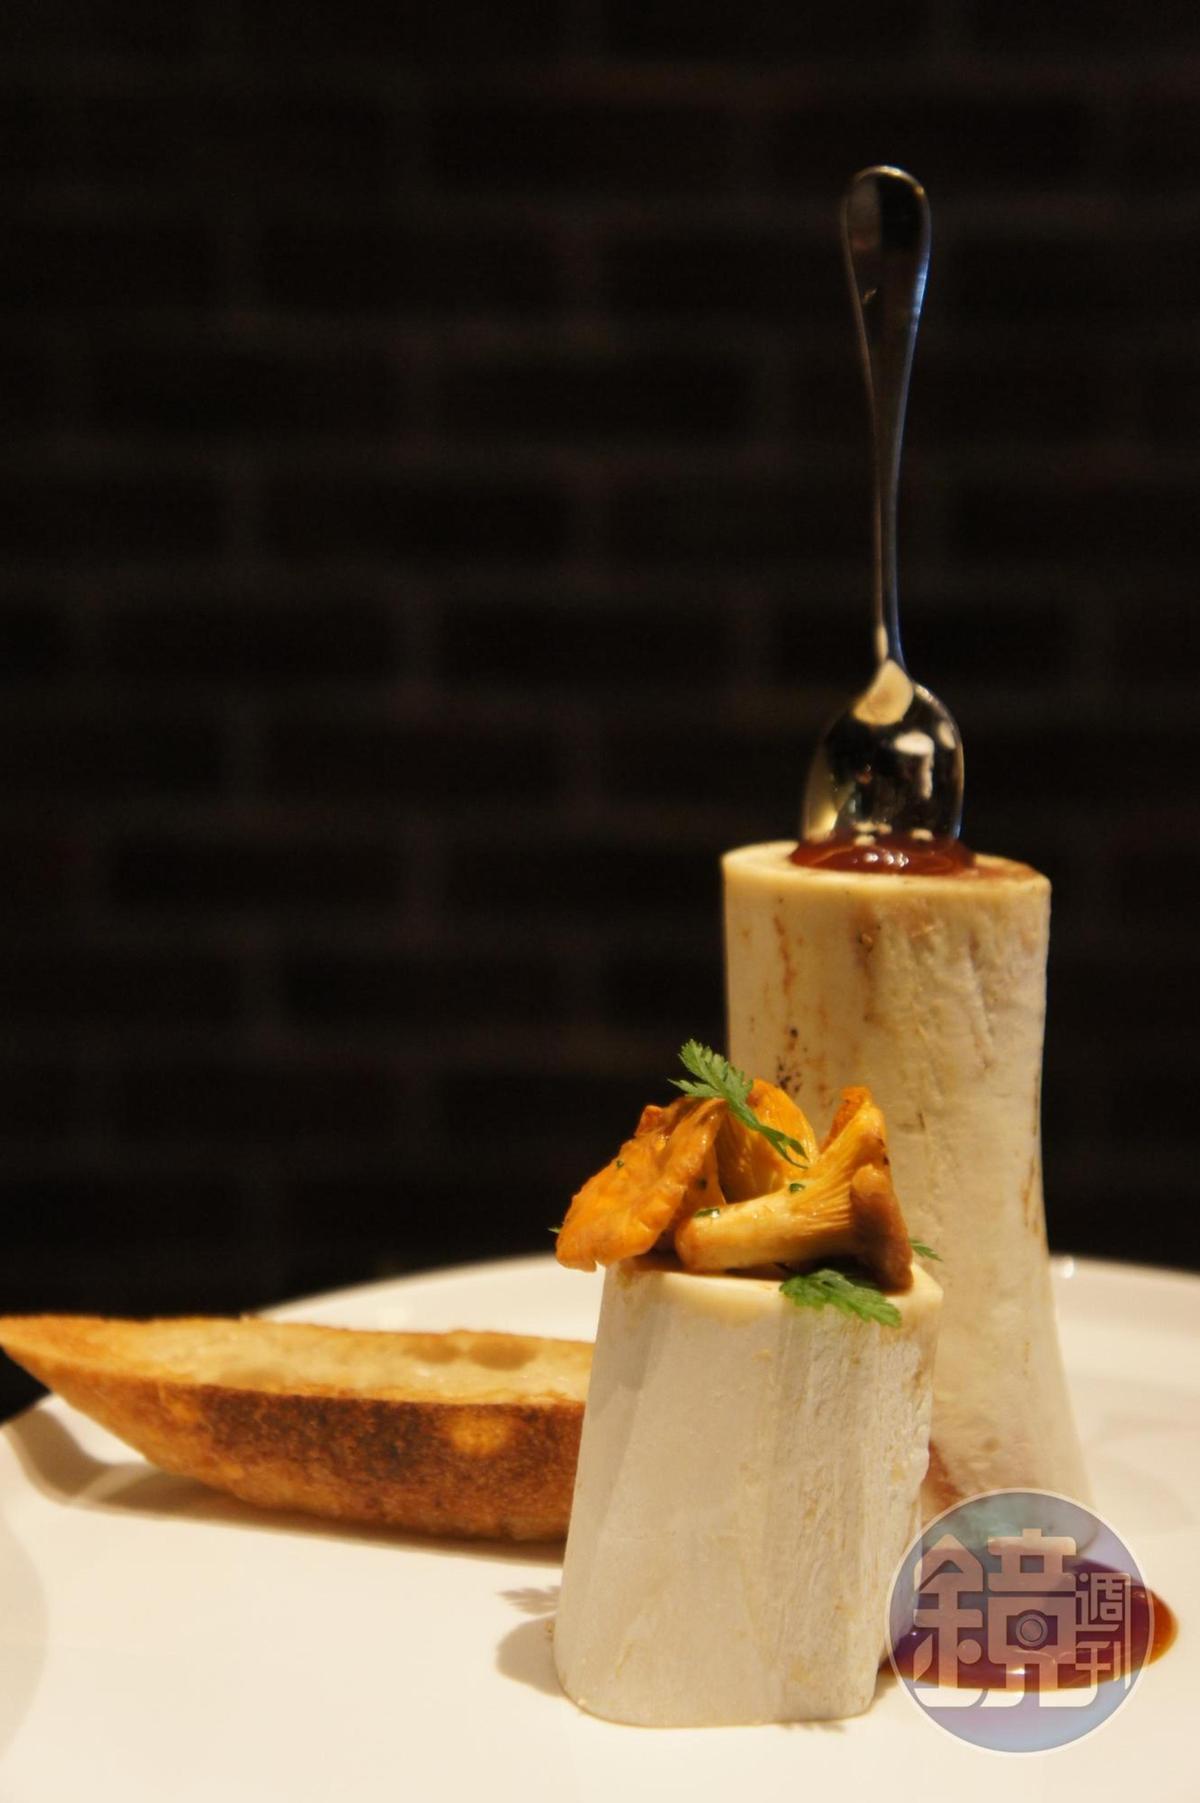 「牛骨髓」是弗雷德里克‧安東(Frédéric Anton) 的另一道招牌前色,與「番茄莫札瑞拉起司凝凍」風格不同,牛骨髓整根上桌粗獷帶霸氣。